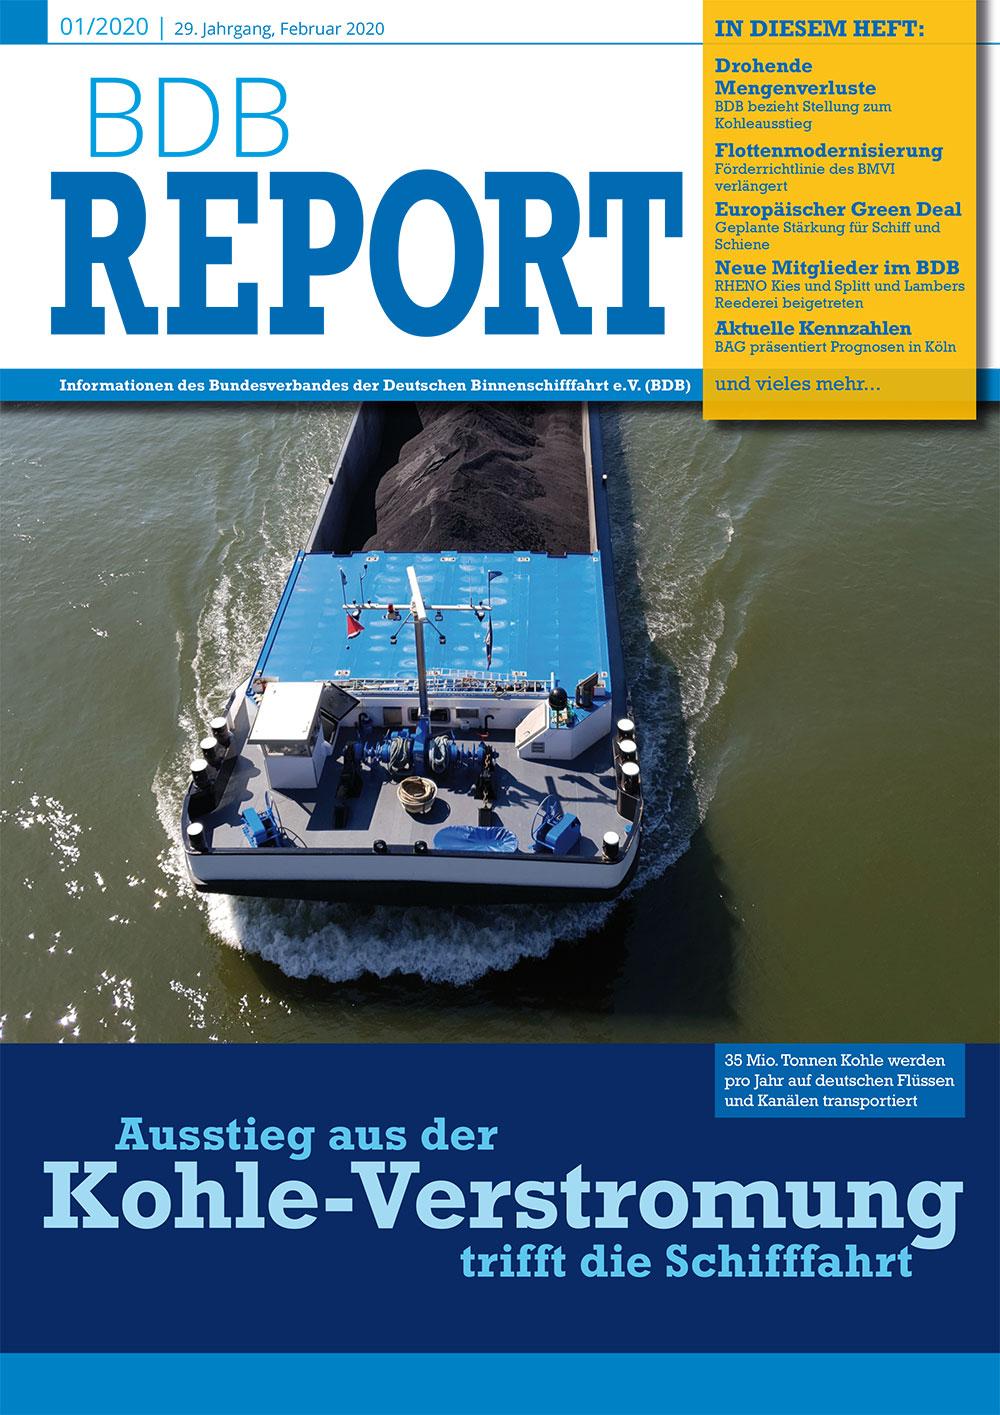 BDB-Report_01-20_Titel